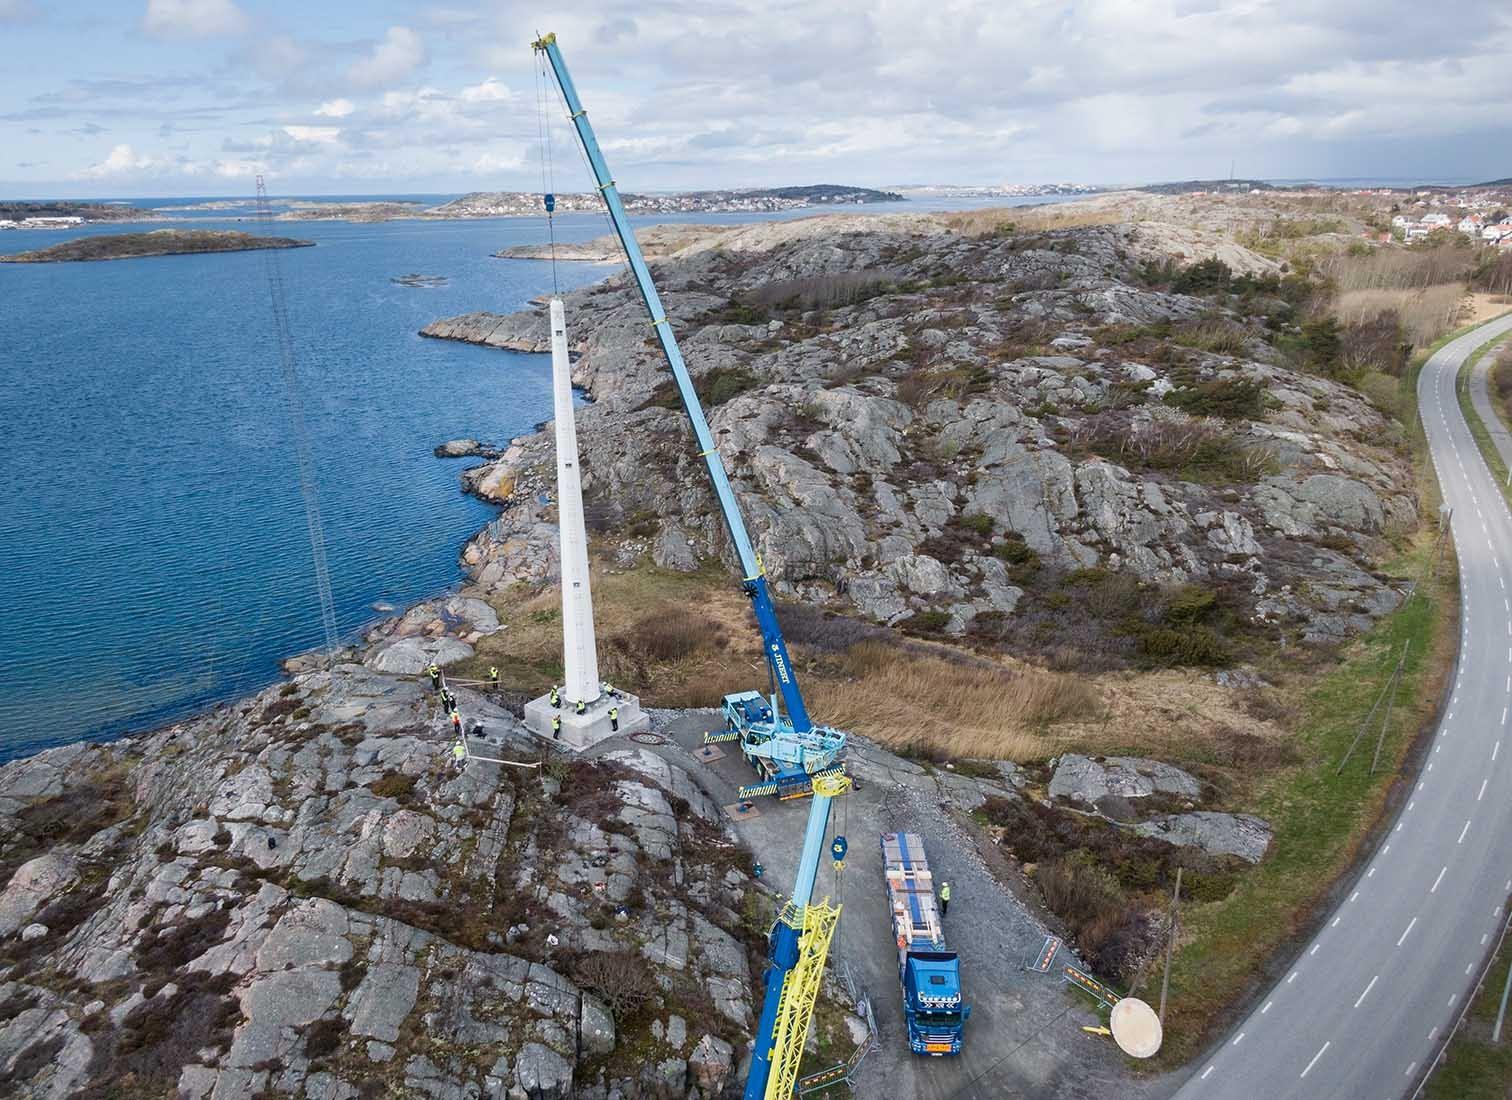 Montage Windturbine aus Holz in Schweden